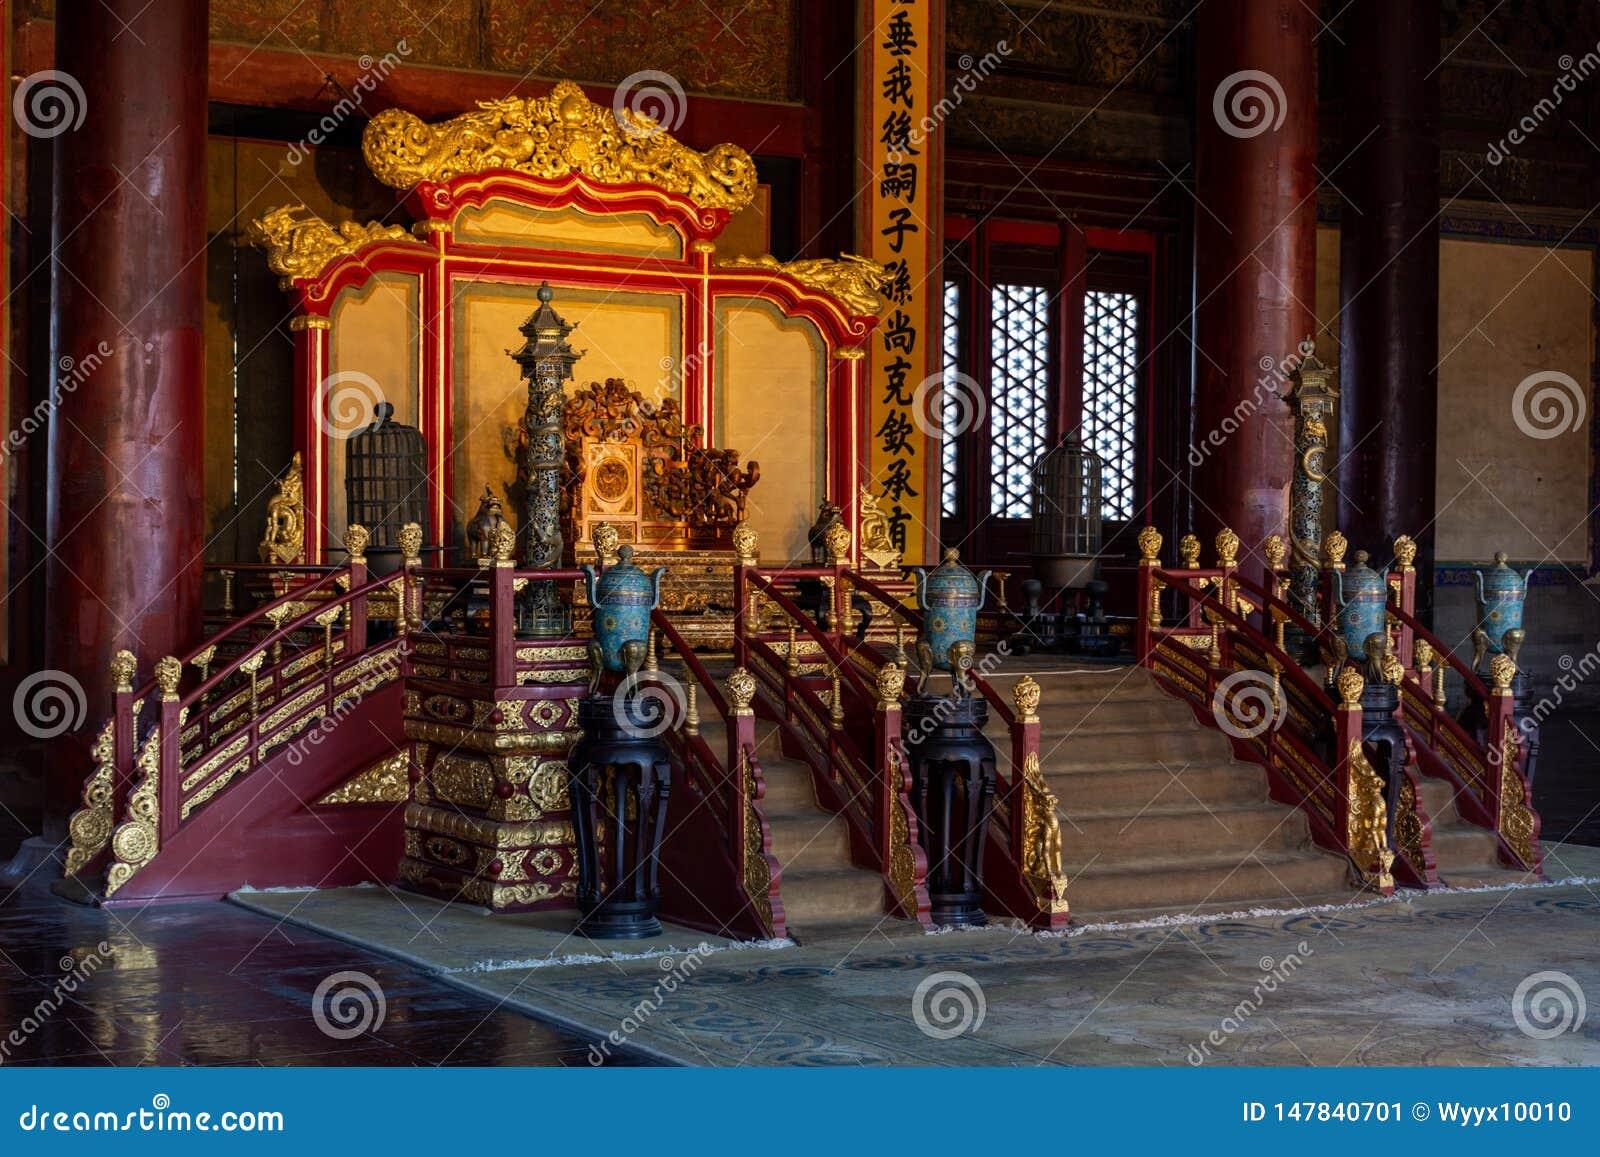 Símbolo imperial Dragon Chair del poder del palacio imperial chino